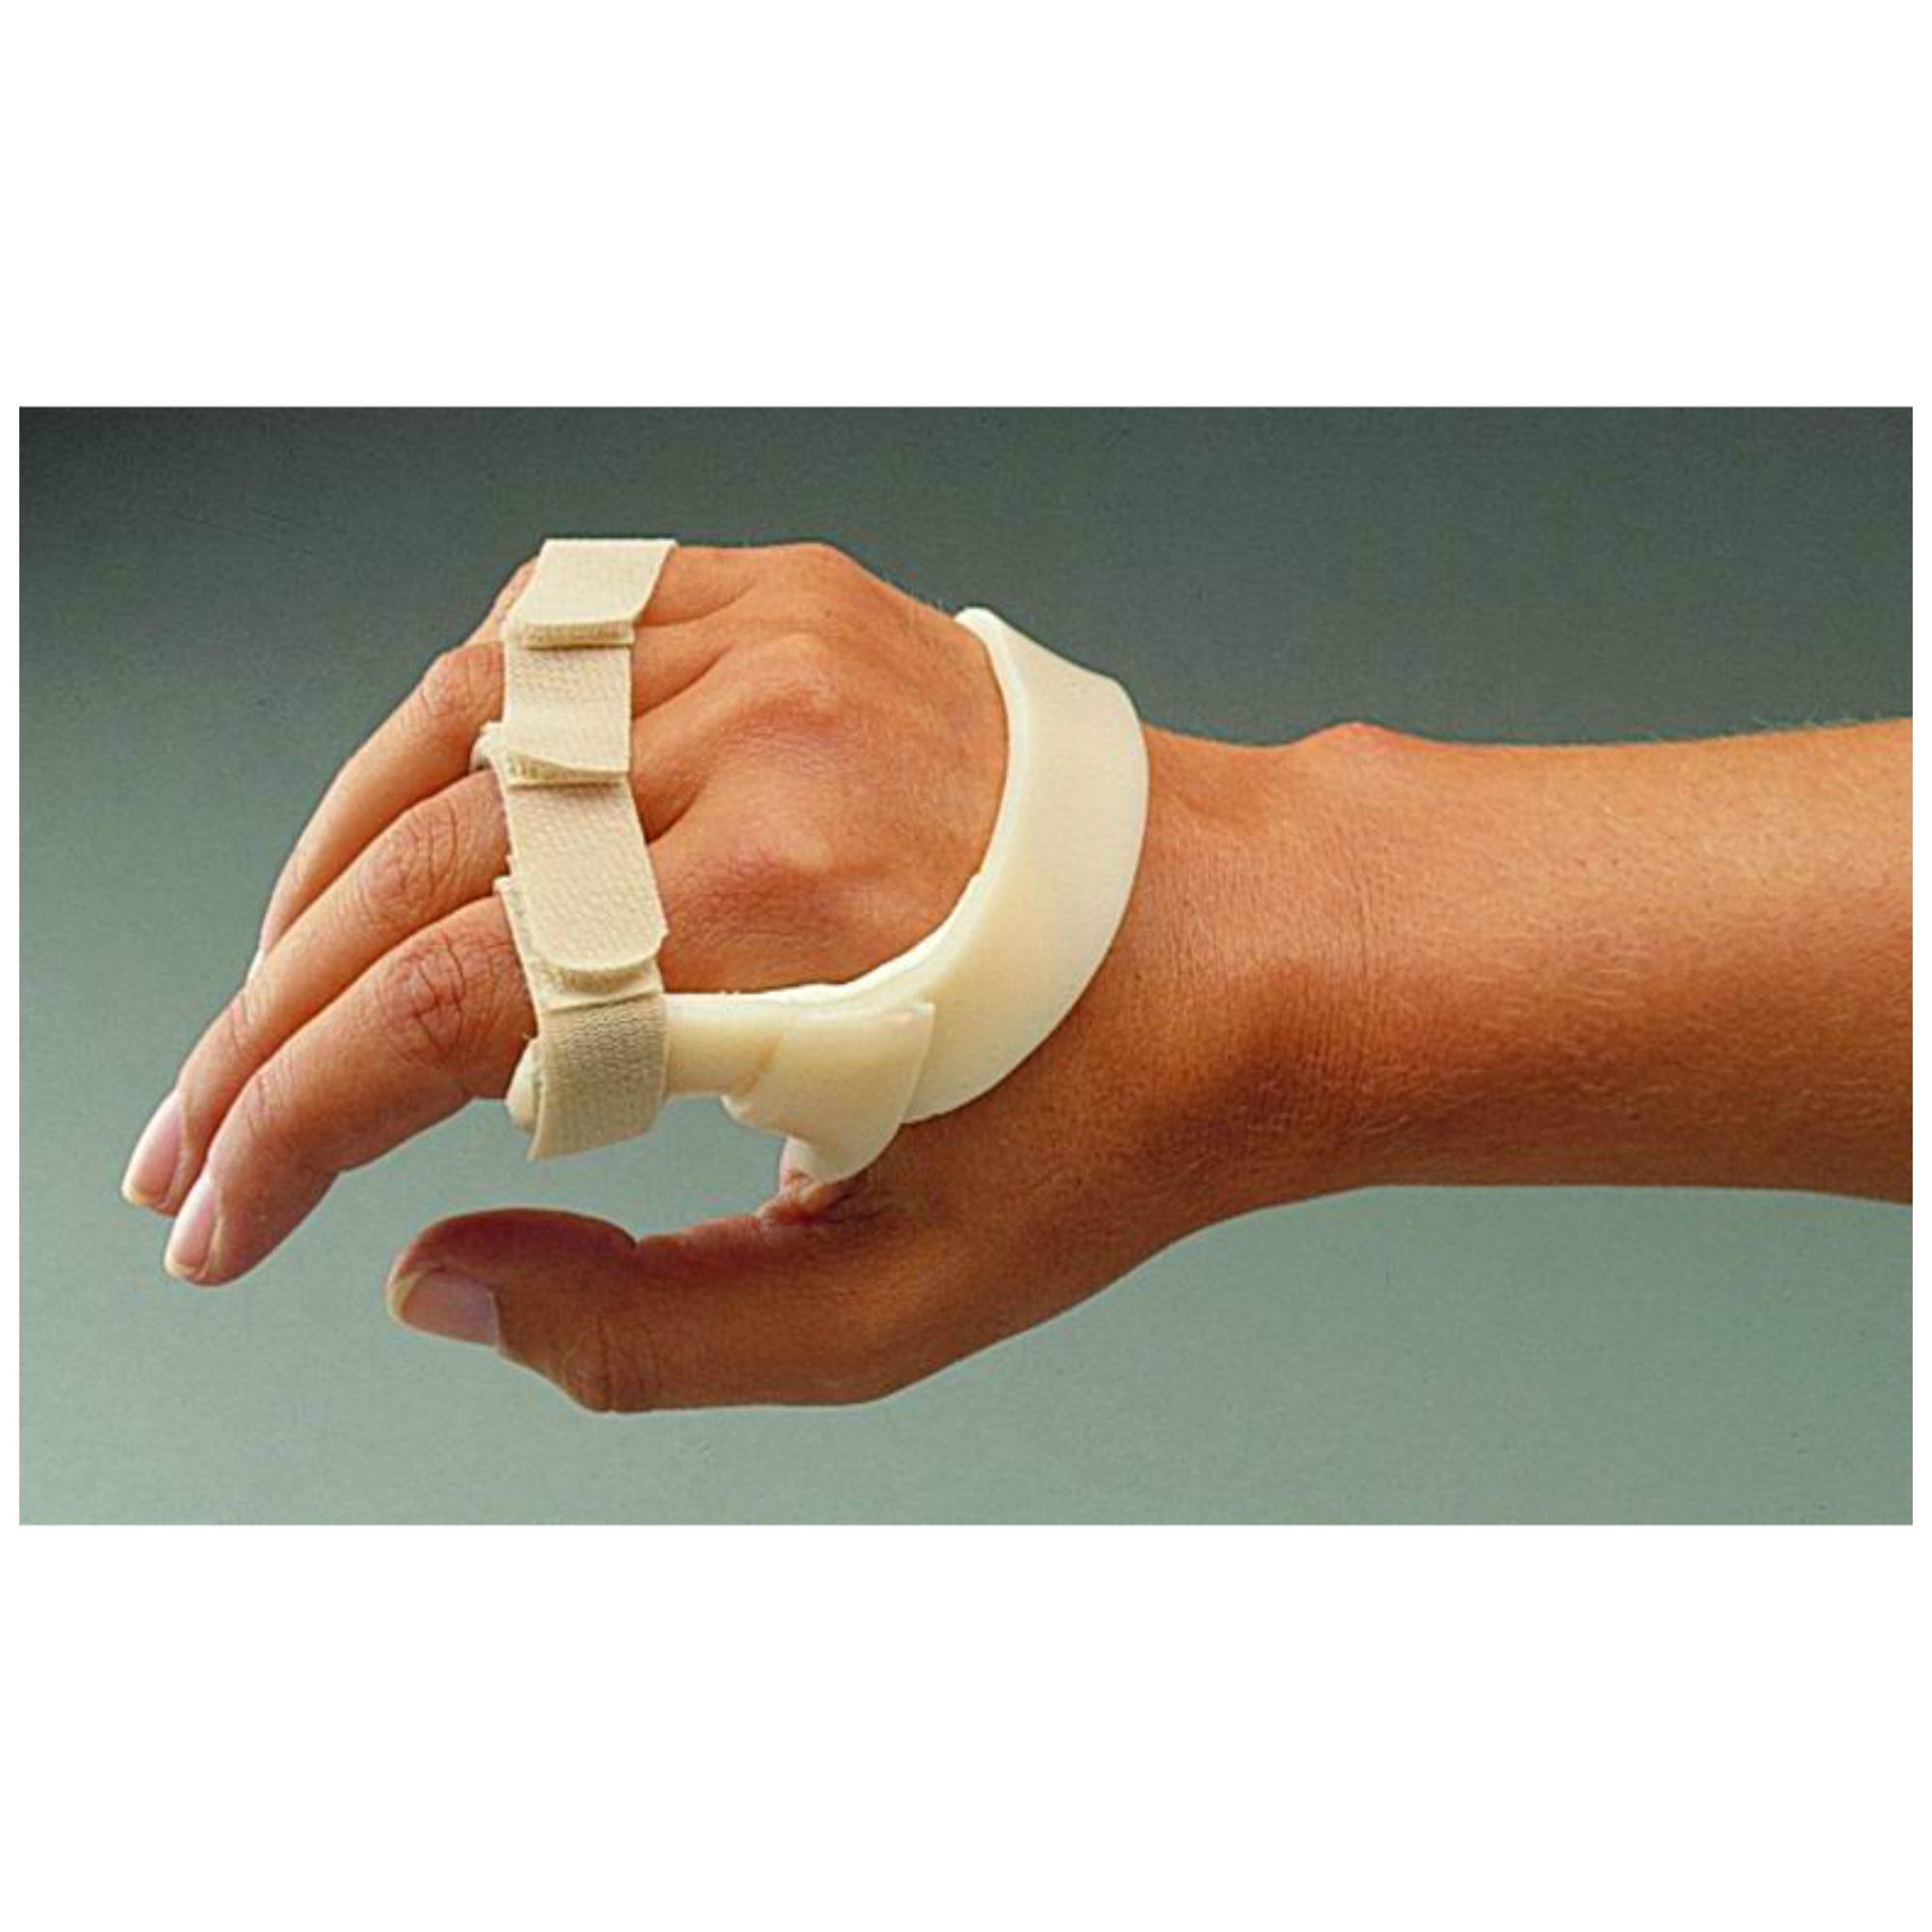 váll artrózis kezelésére szolgáló készülékek bokaízület duzzanat fájdalom nélkül